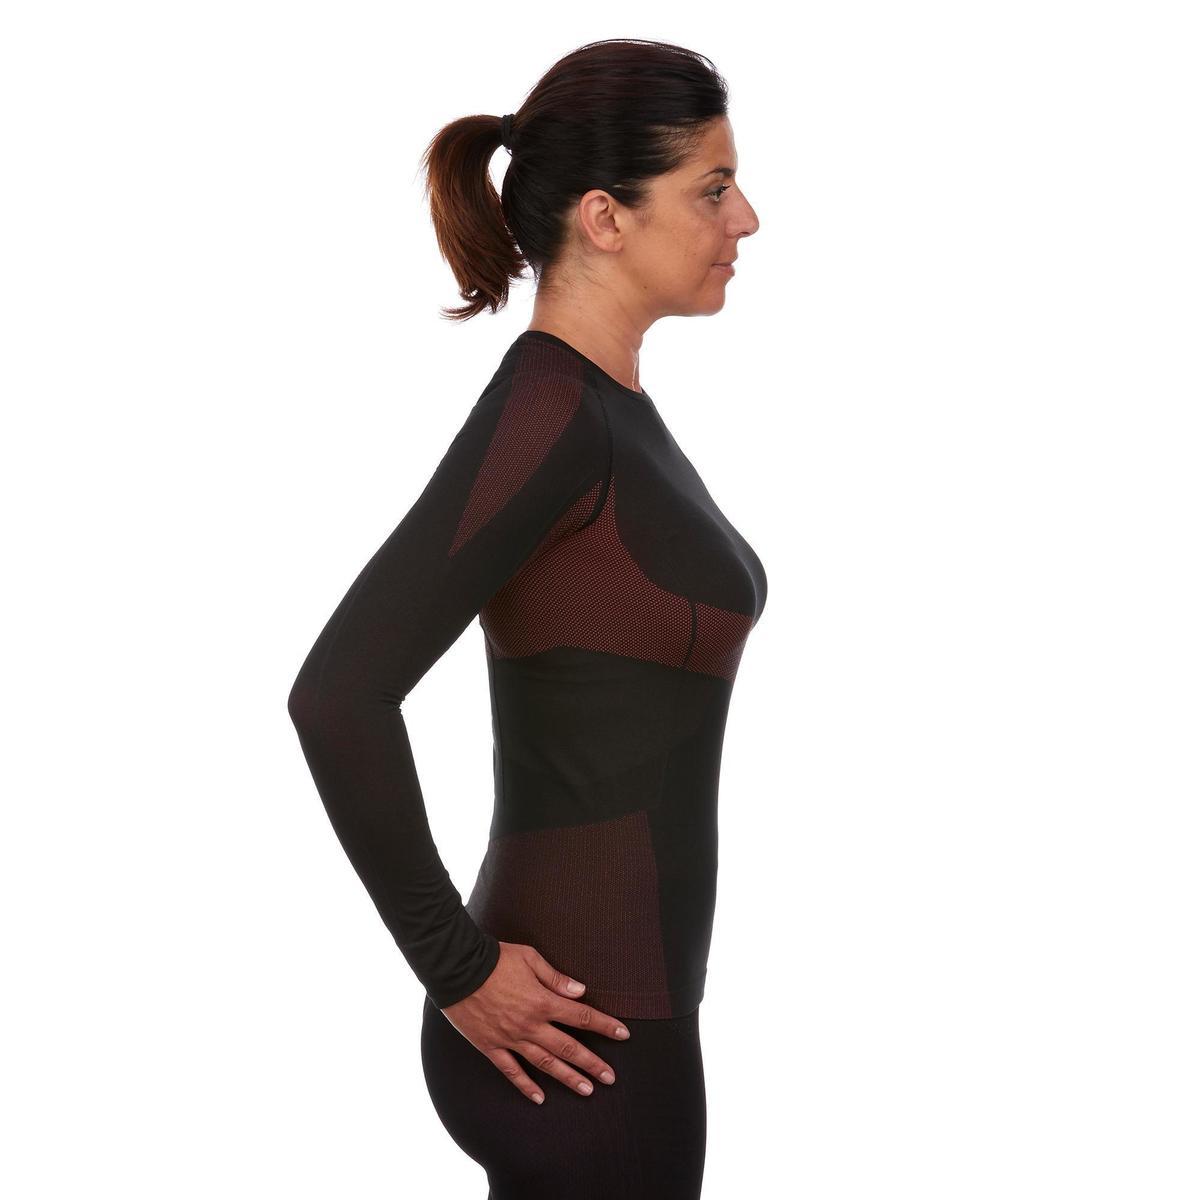 Bild 4 von Skiunterwäsche Funktionsshirt 900 Damen schwarz rosa